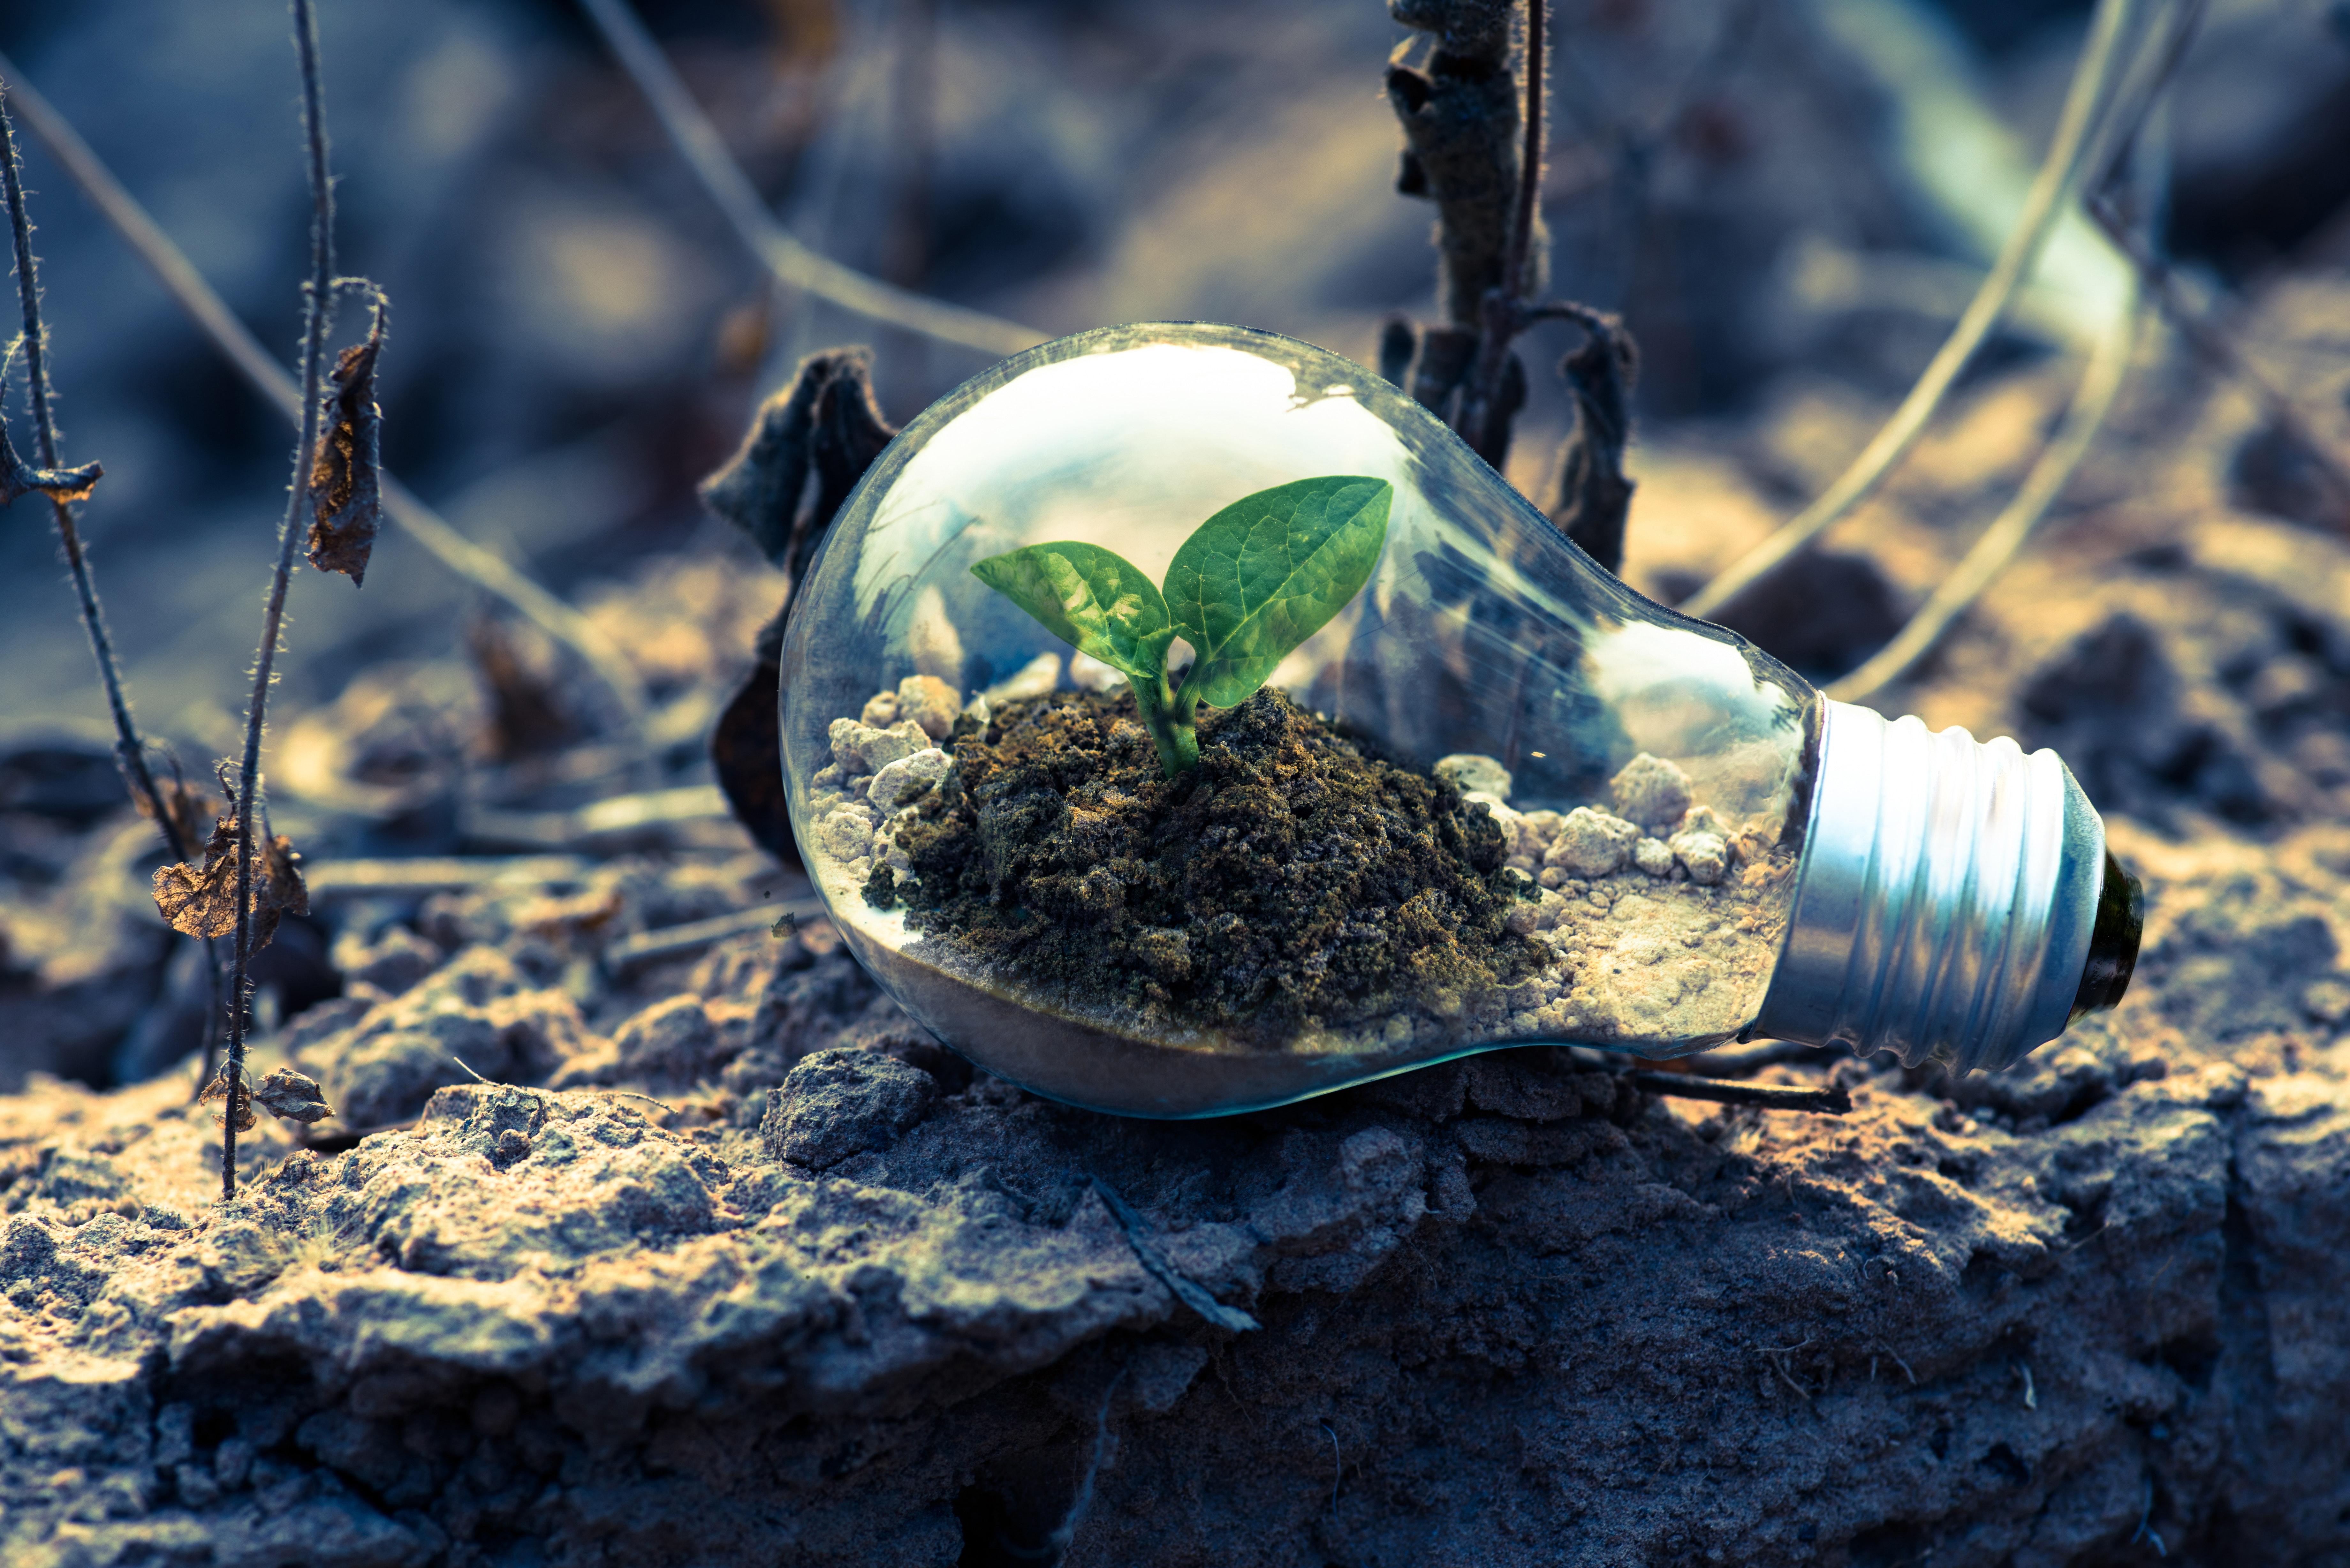 licht met zand en plantje in om kracht van kernkwadrant uit te beelden